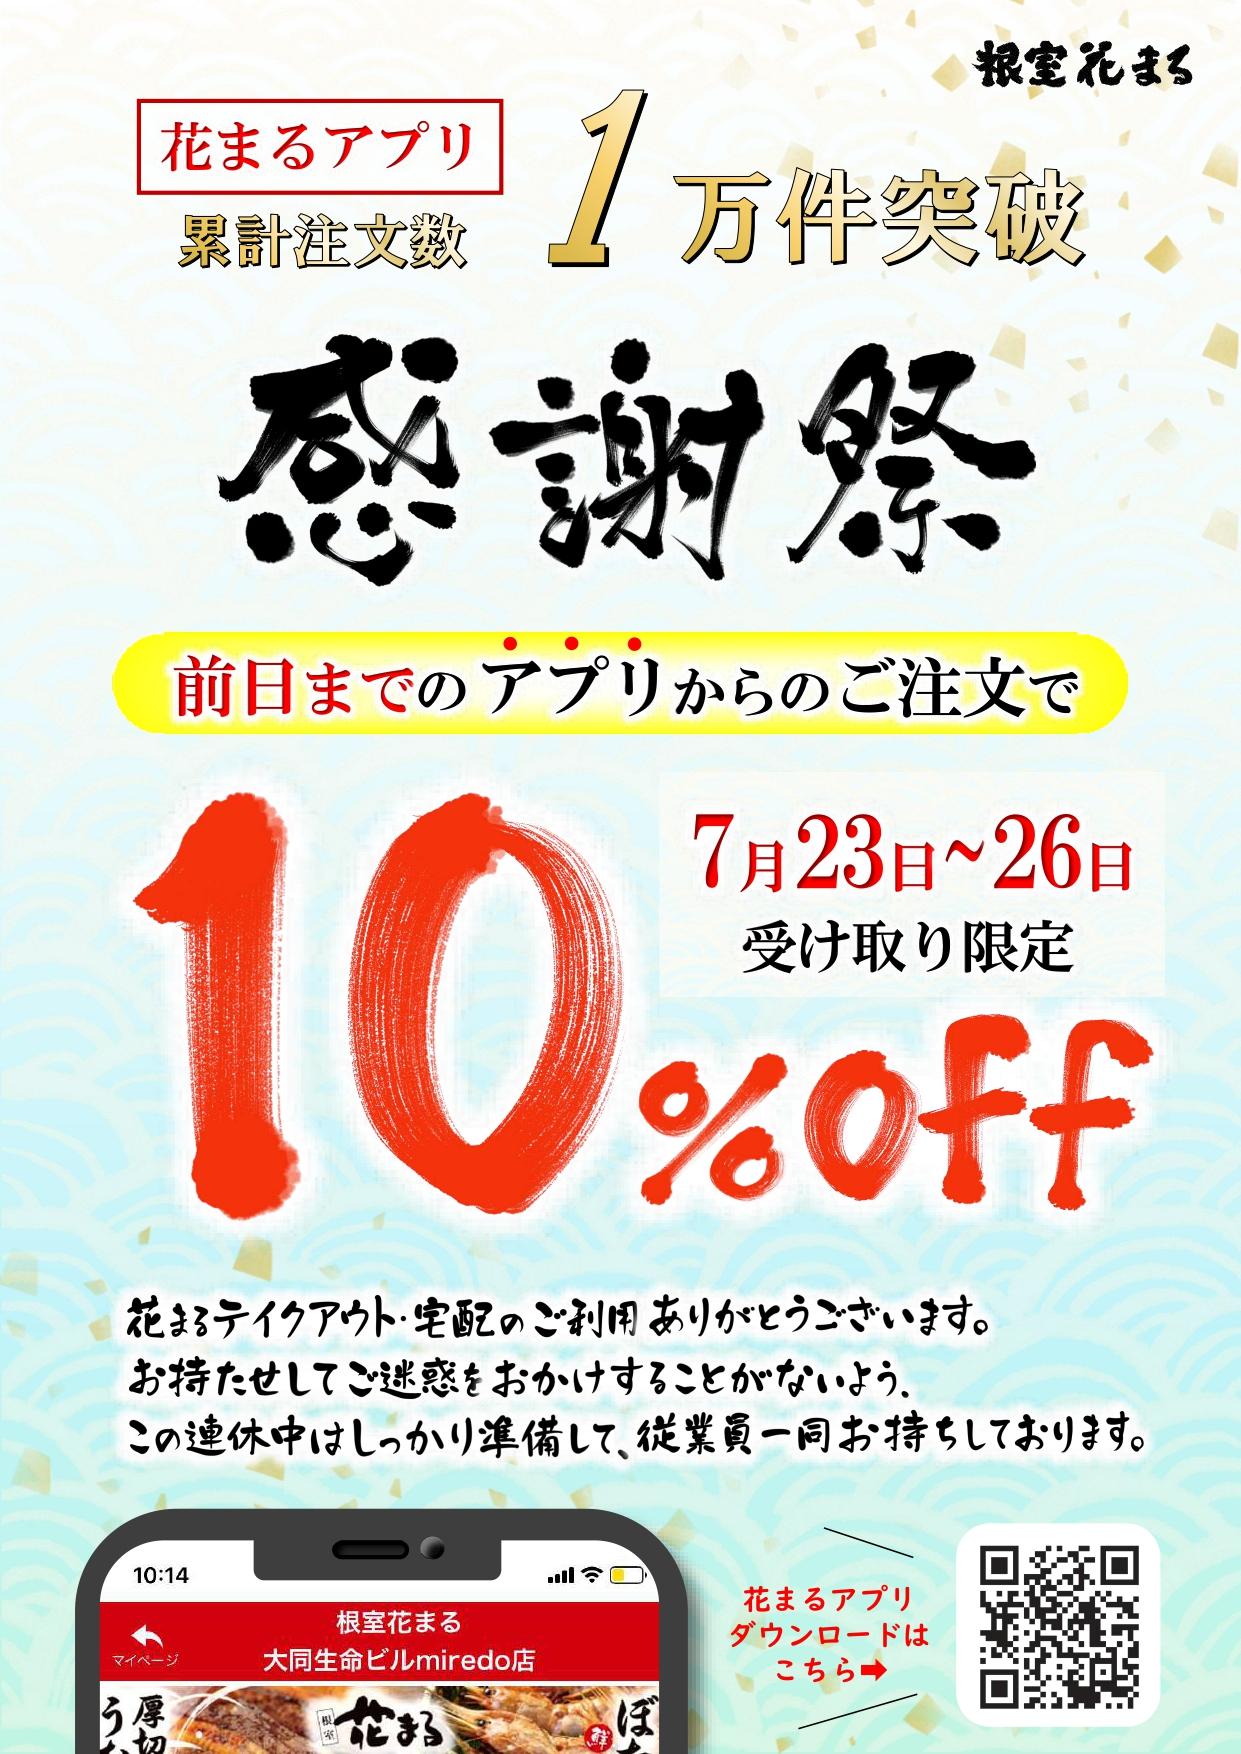 アプリ累計注文1万件突破感謝祭(ポスター).jpg